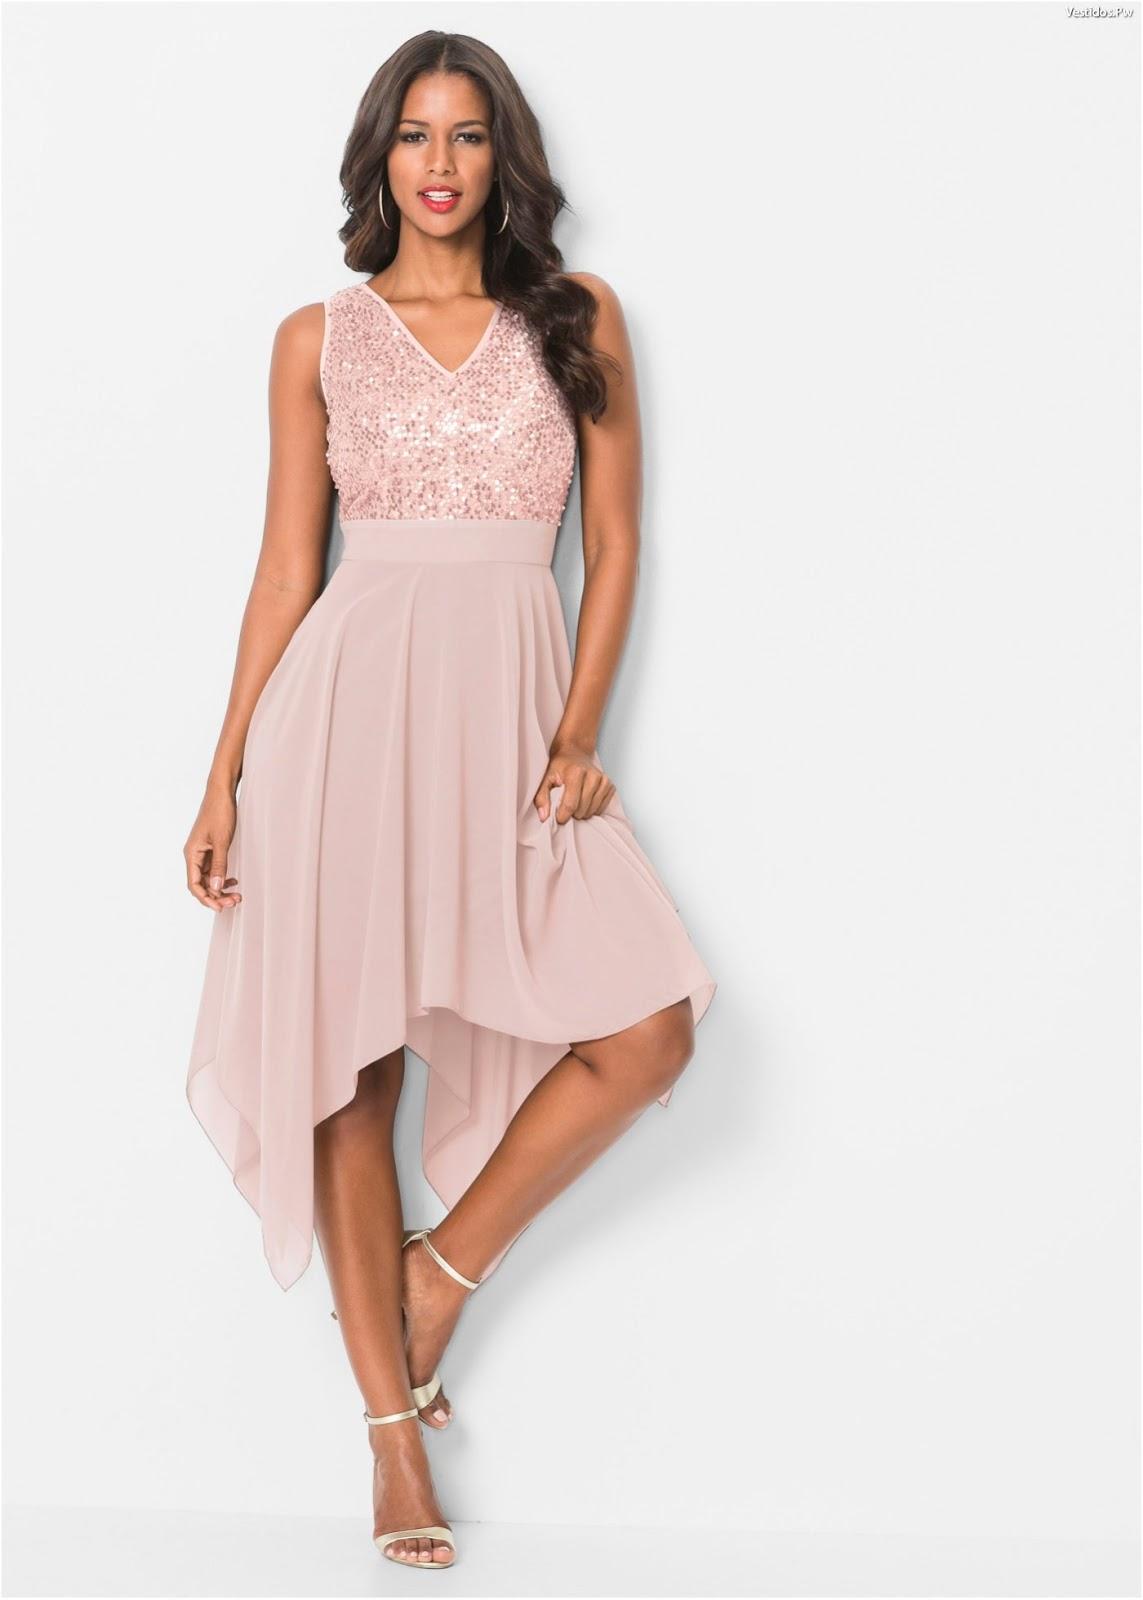 diseño popular moda caliente más vendido 65 Propuestas de Vestidos Formales ¡Ideas con Fotos ...